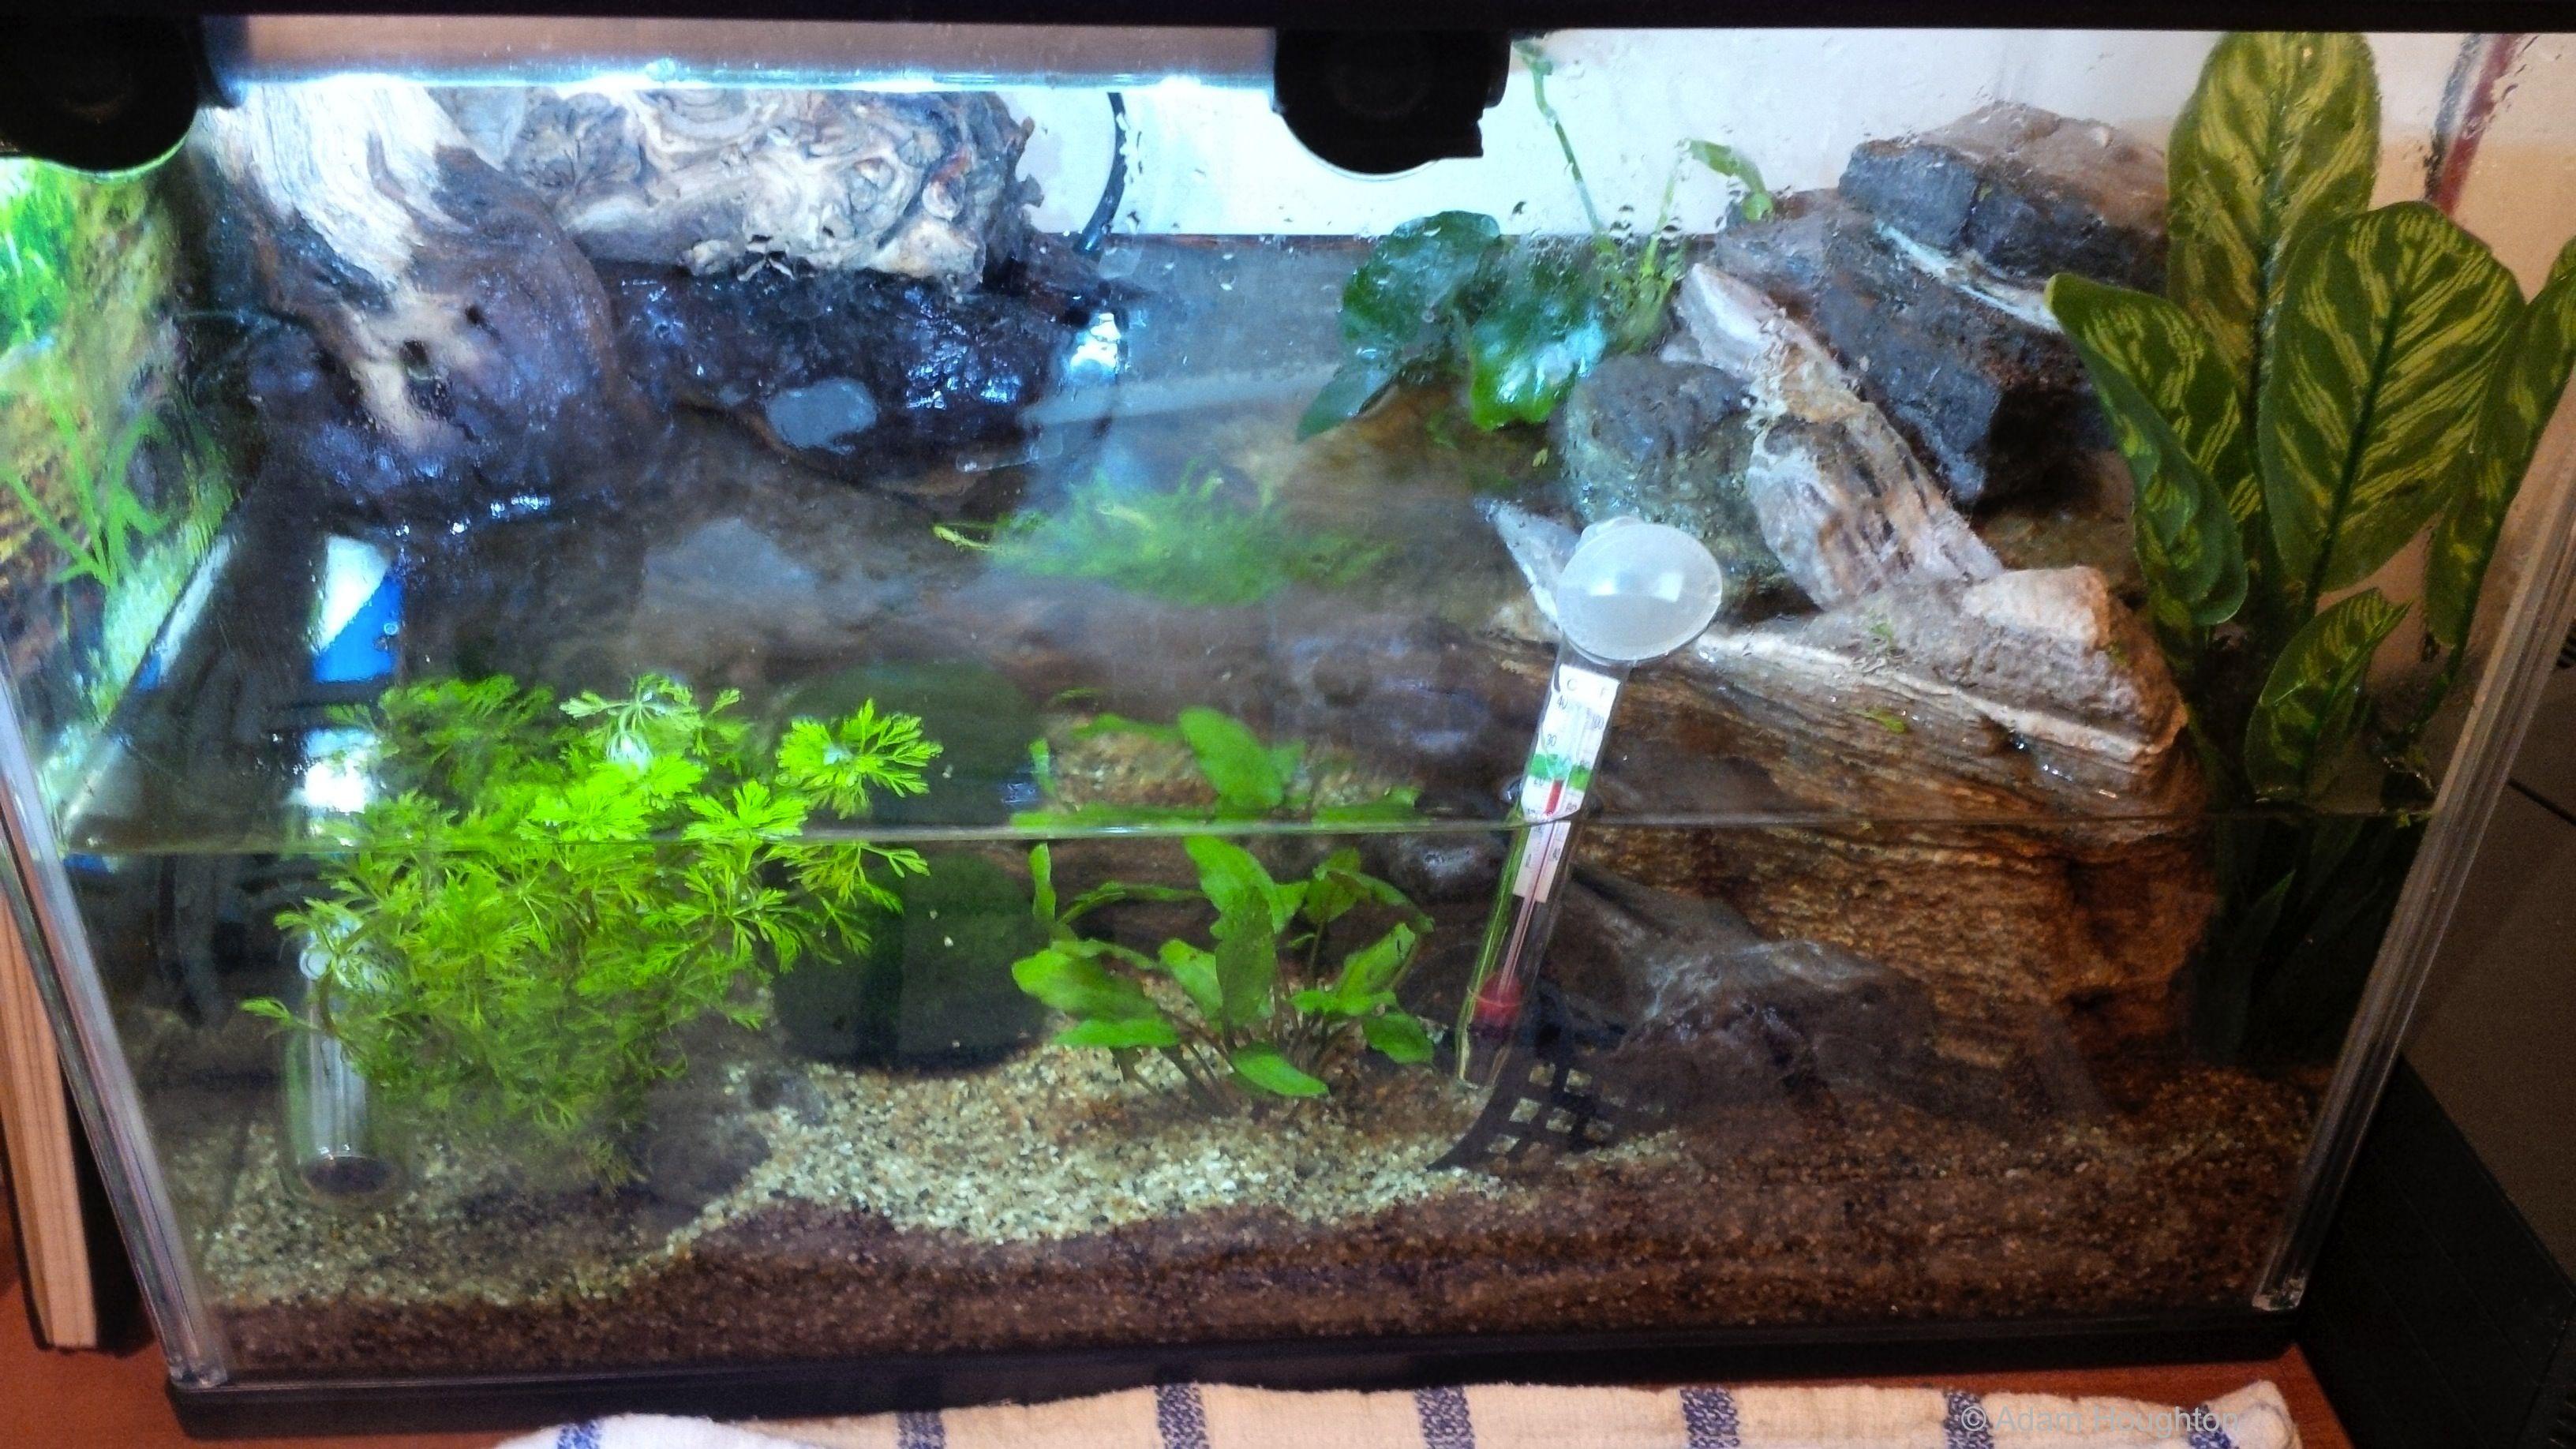 My 23l half filled aquarium or paludarium housing my vampire crab